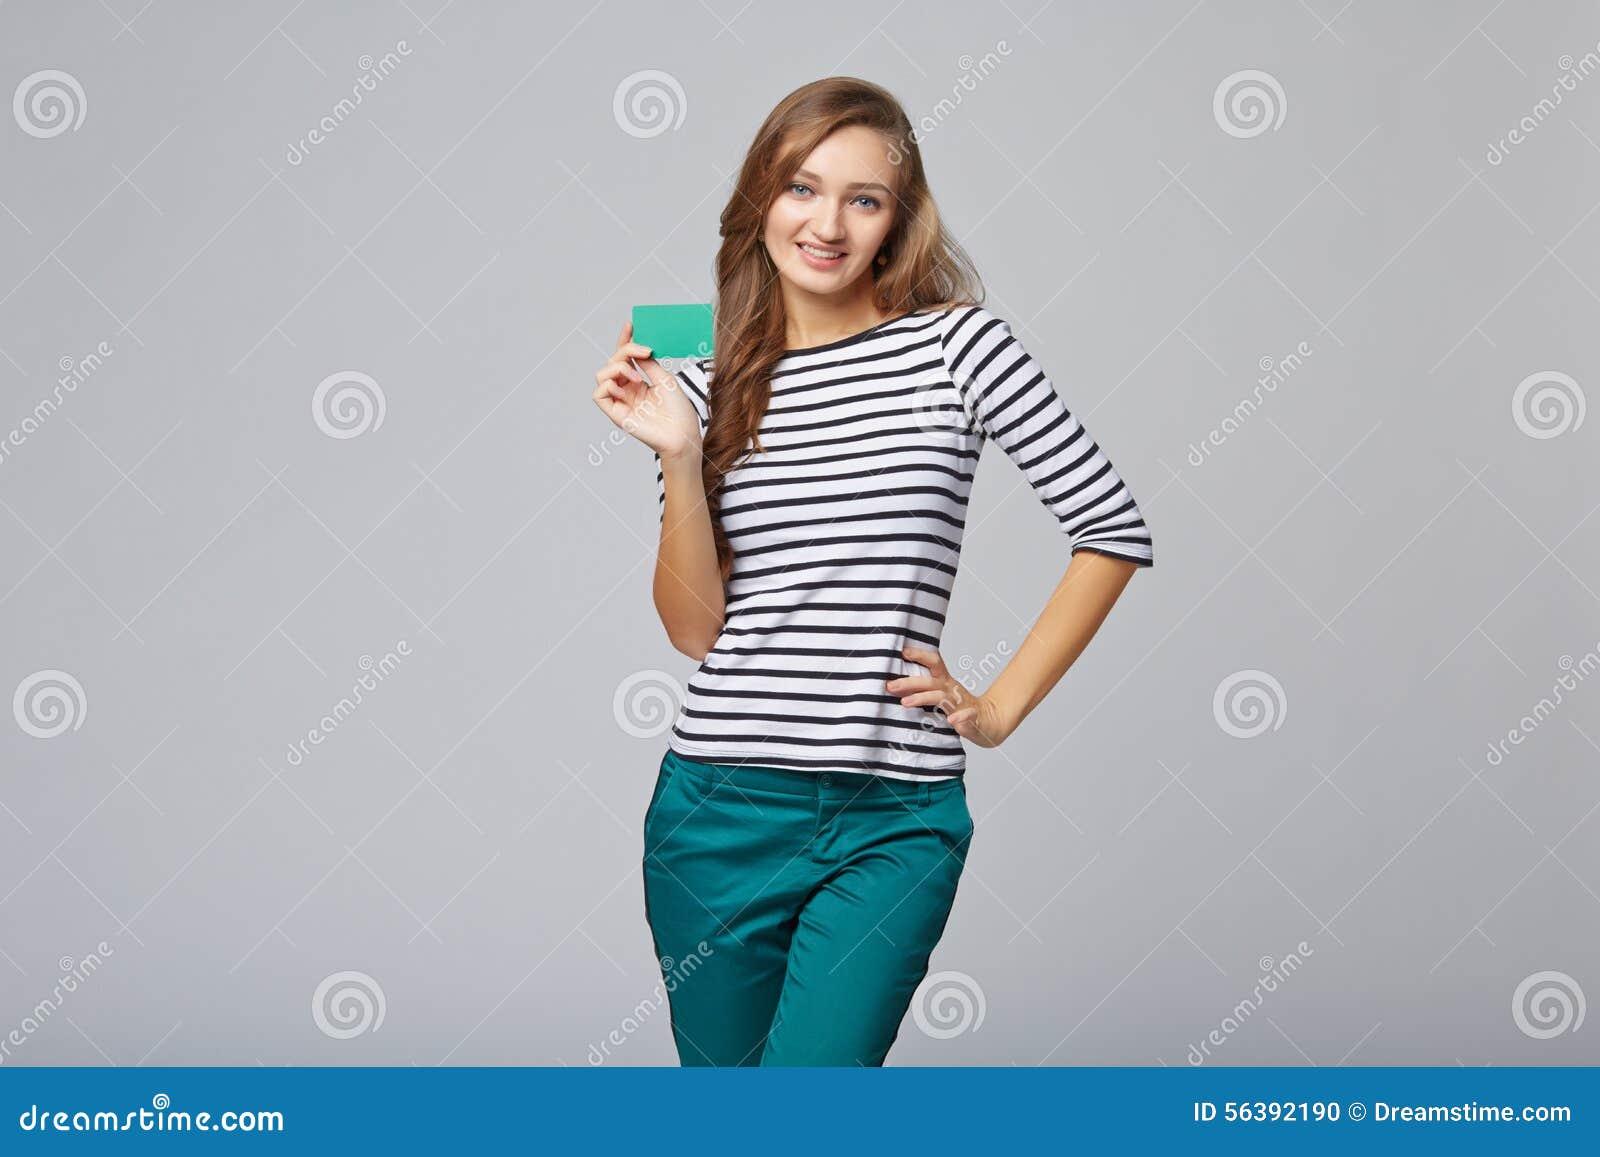 Glückliches lächelndes Mädchen in der Freizeitbekleidung, leere Kreditkarte zeigend